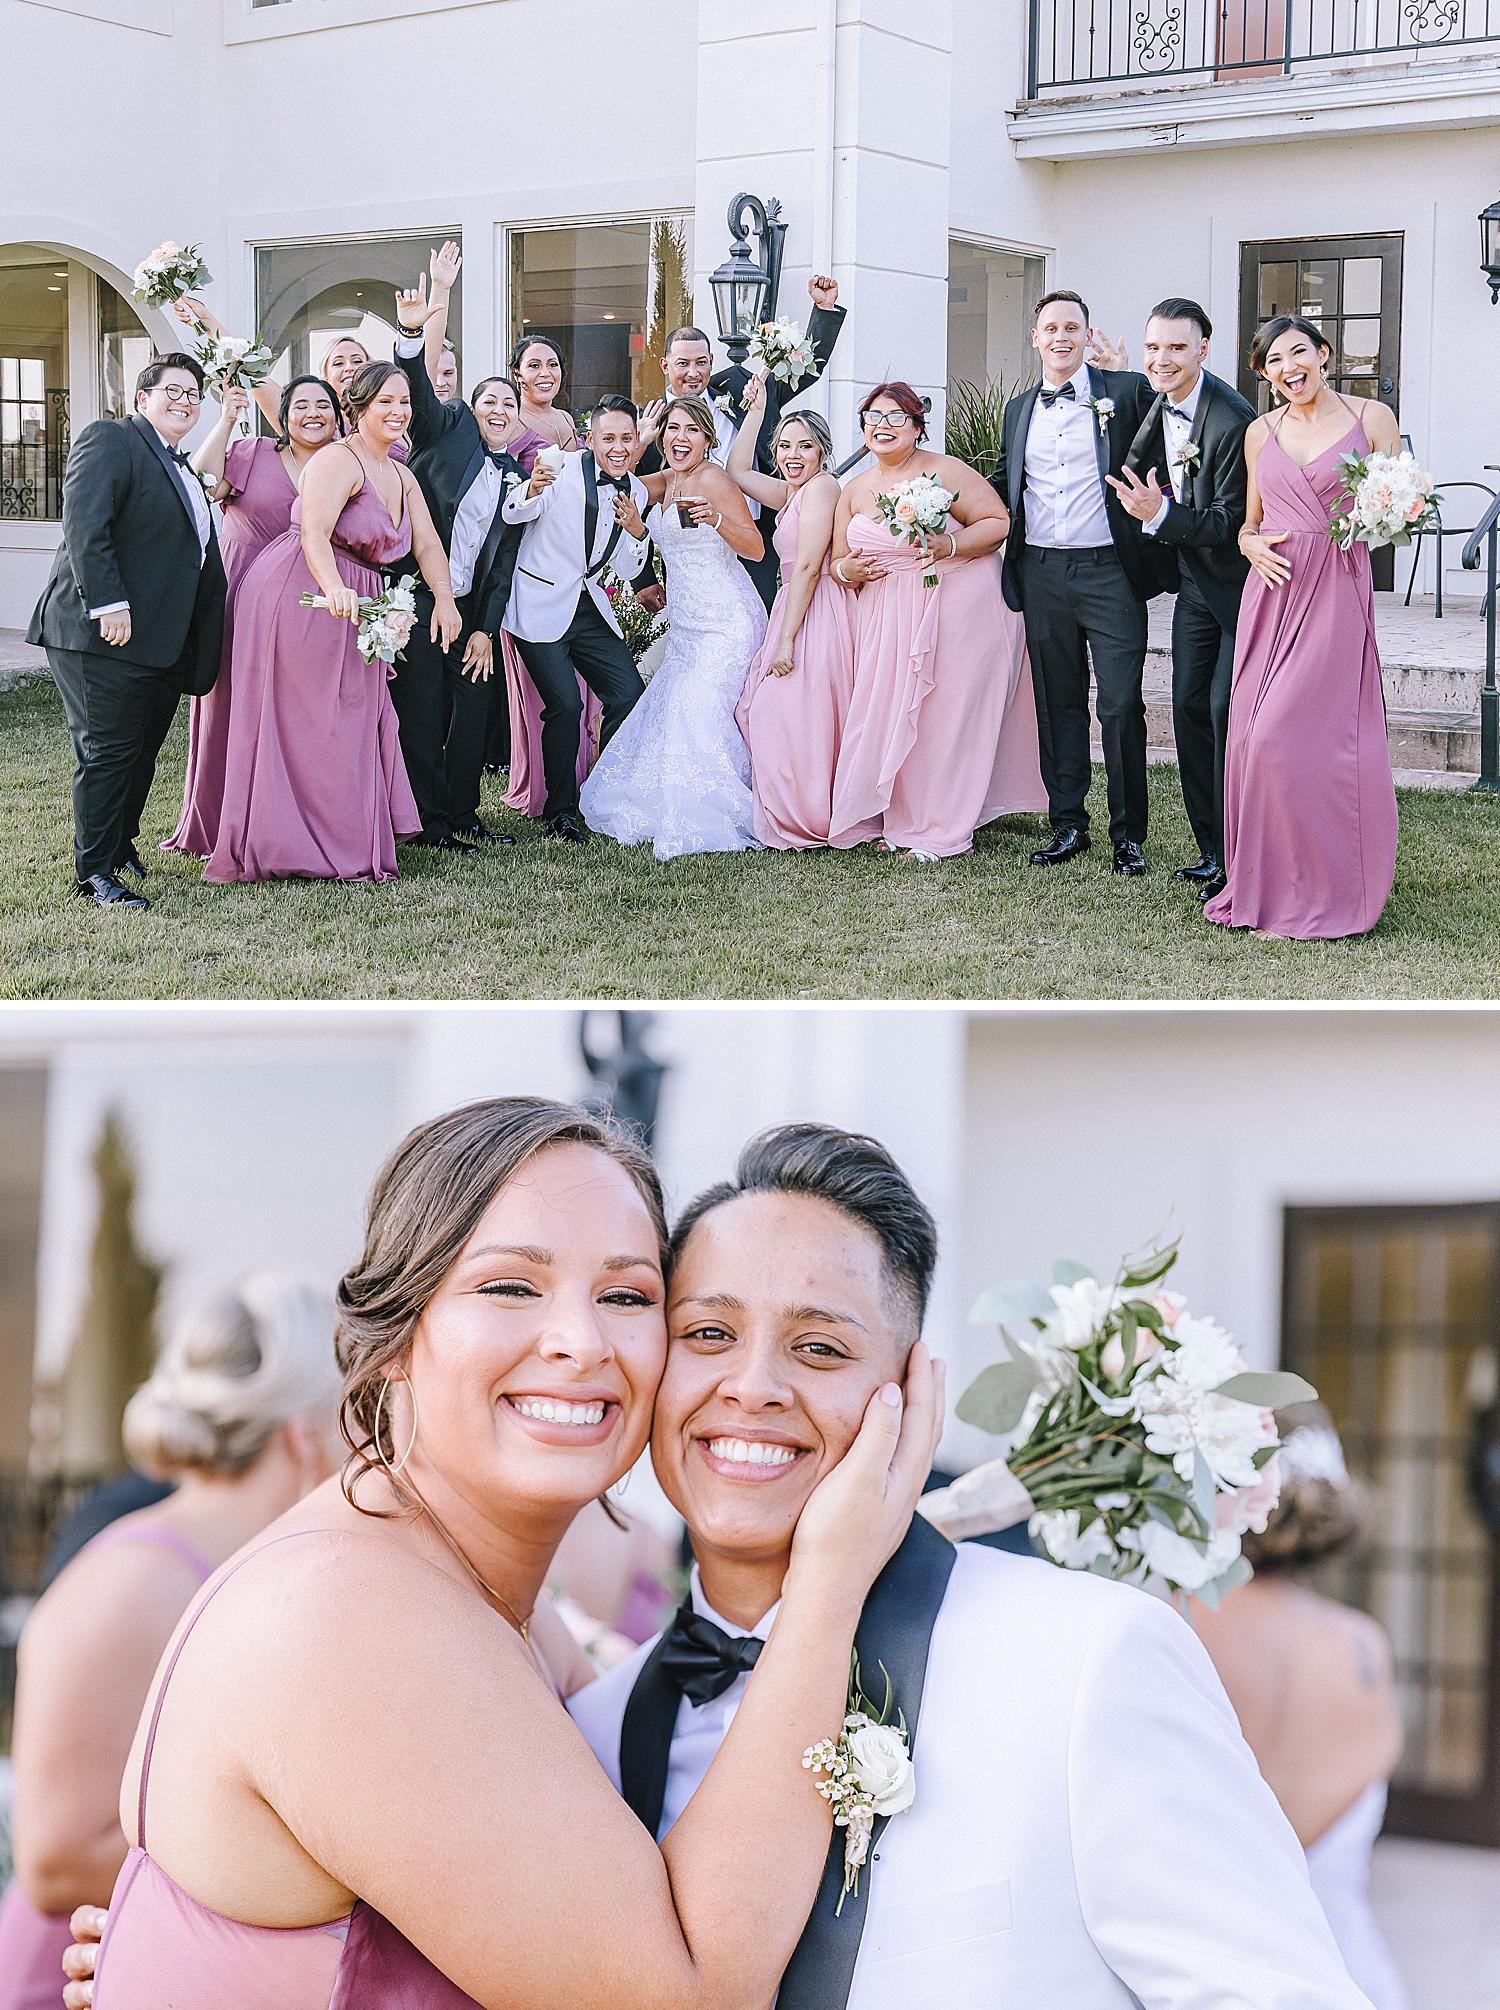 Carly-Barton-Photography-The-Villa-at-Cielo-Vista-Blush-Gold-White-Wedding-Photos_0131.jpg